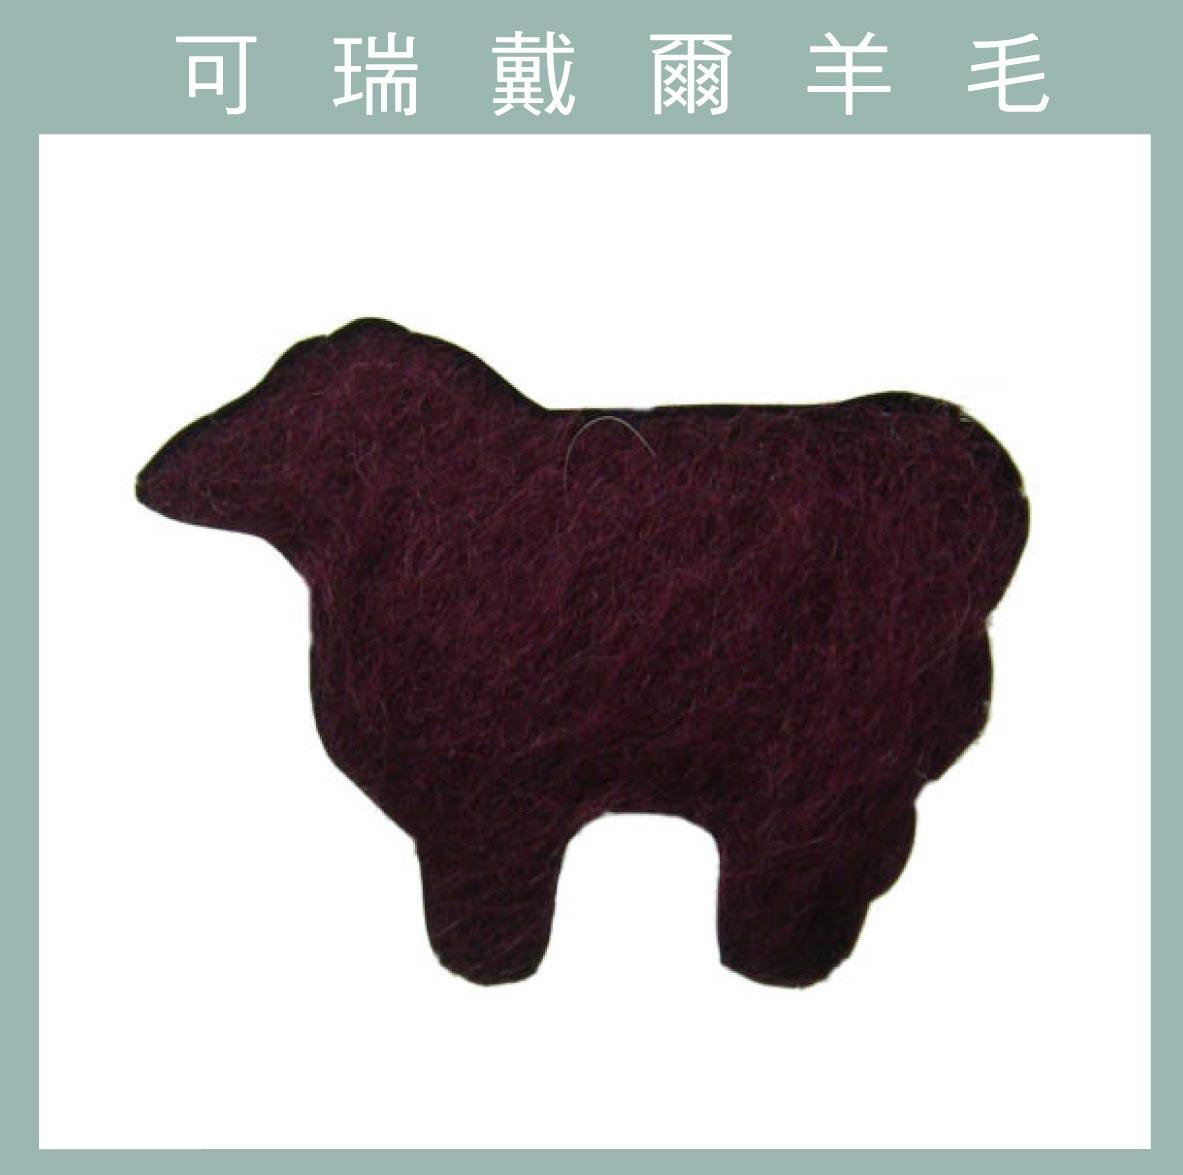 紐西蘭ASHFORD-可瑞戴爾羊毛[10克]C39覆盆子